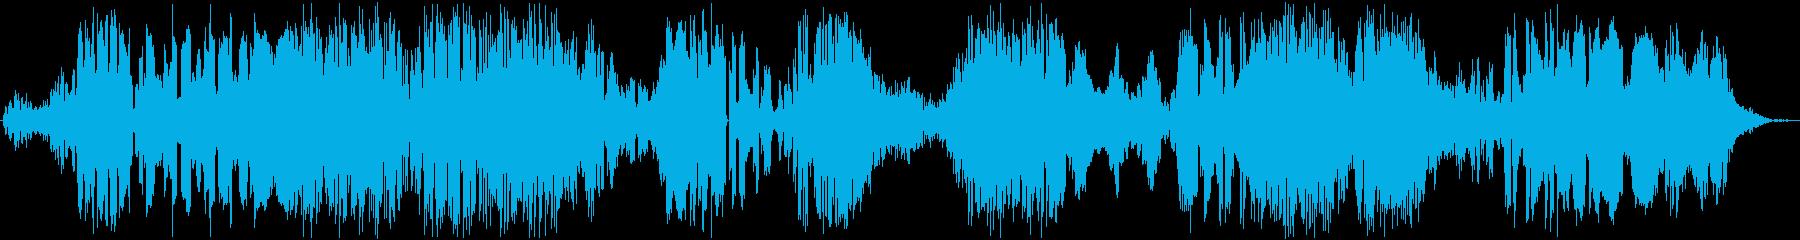 イメージ R2D2 アップインスペ...の再生済みの波形